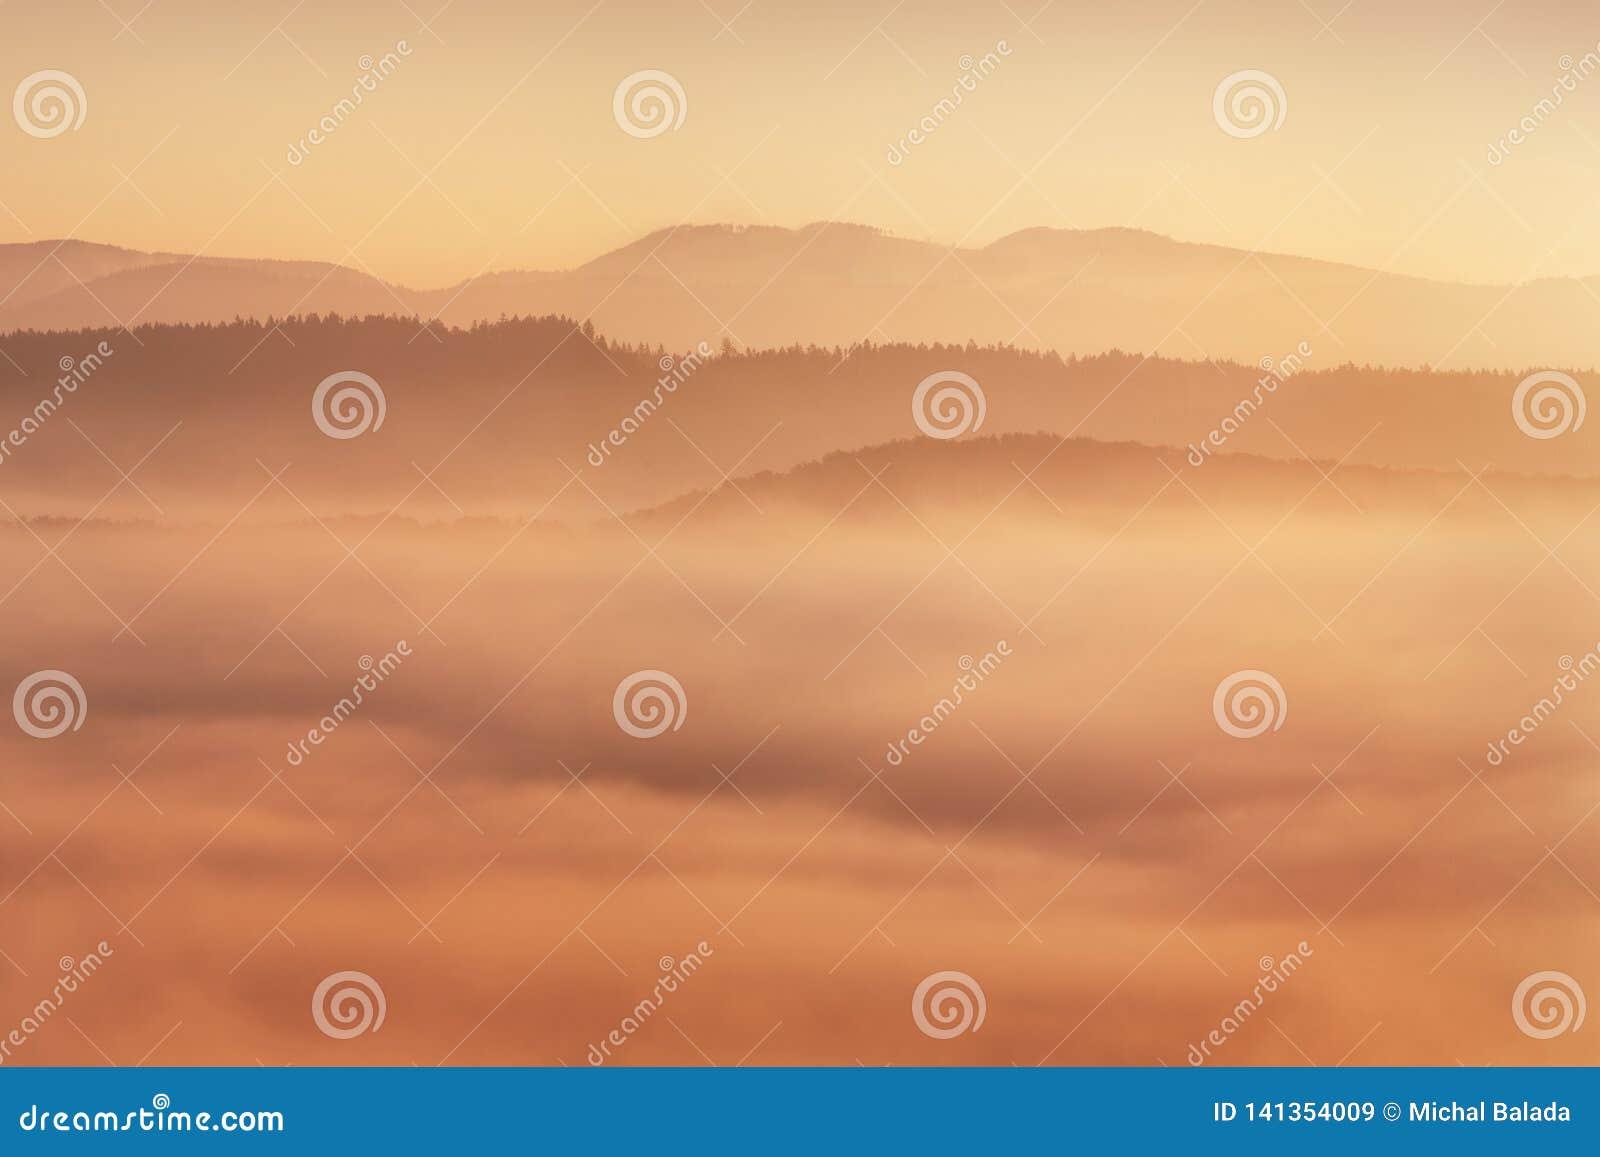 Nascer do sol sobre Misty Landscape Vista cênico do céu nevoento da manhã com aumentação Sun acima de Misty Forest Middle Summer